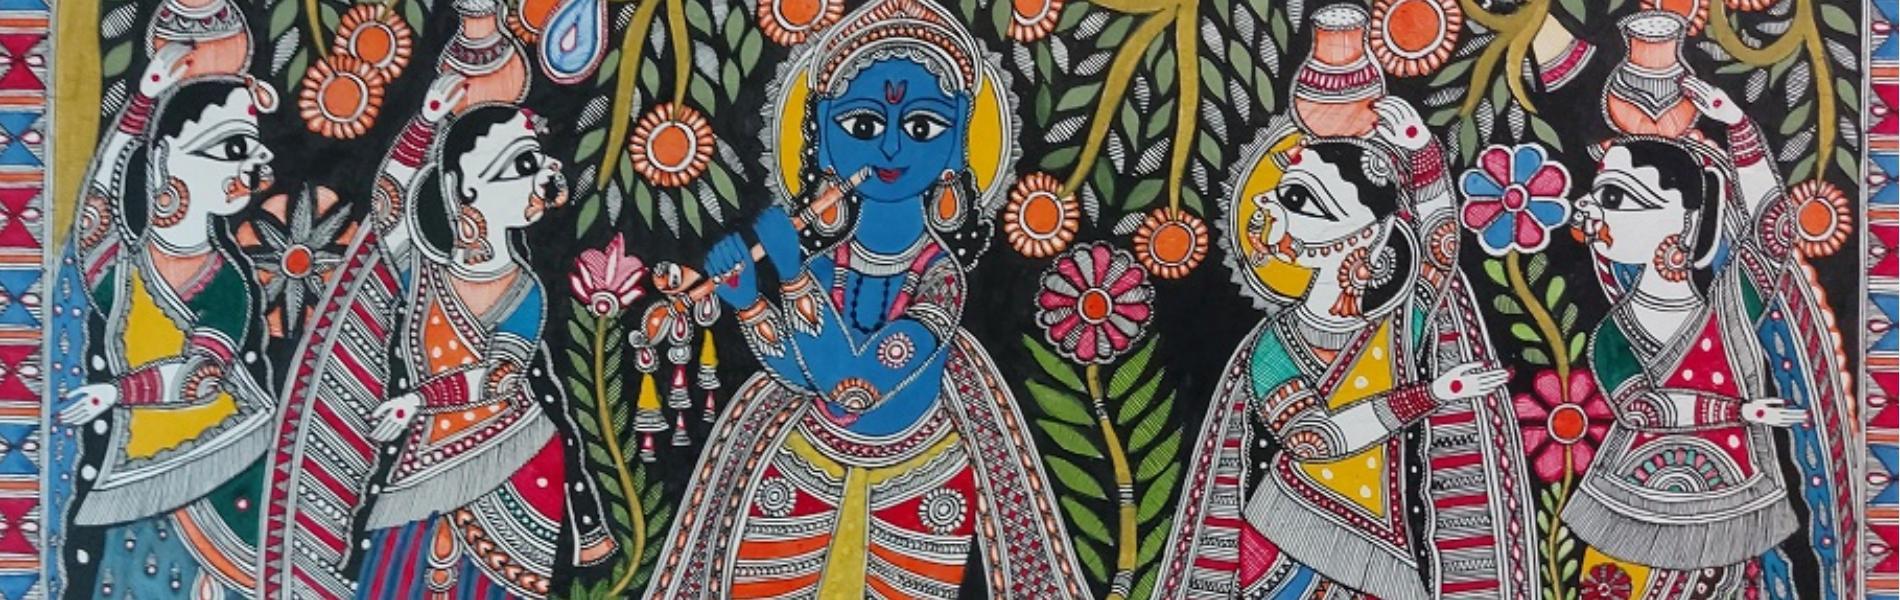 Rani Jha